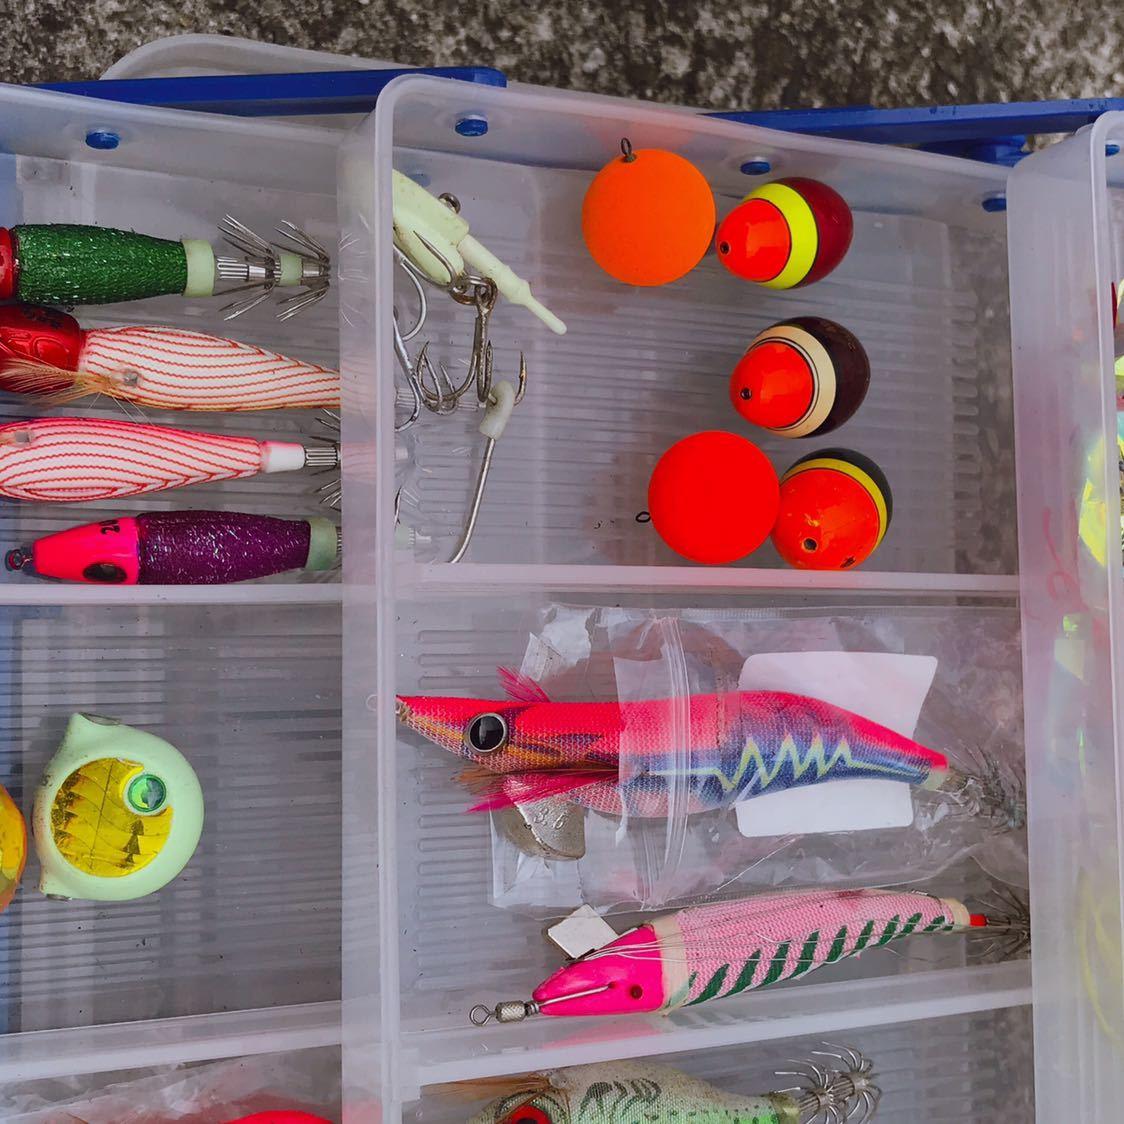 1円 海釣り 仕掛け いろいろ セット 鉛スッテ タコエギ ハリスなど 画像参照_画像6